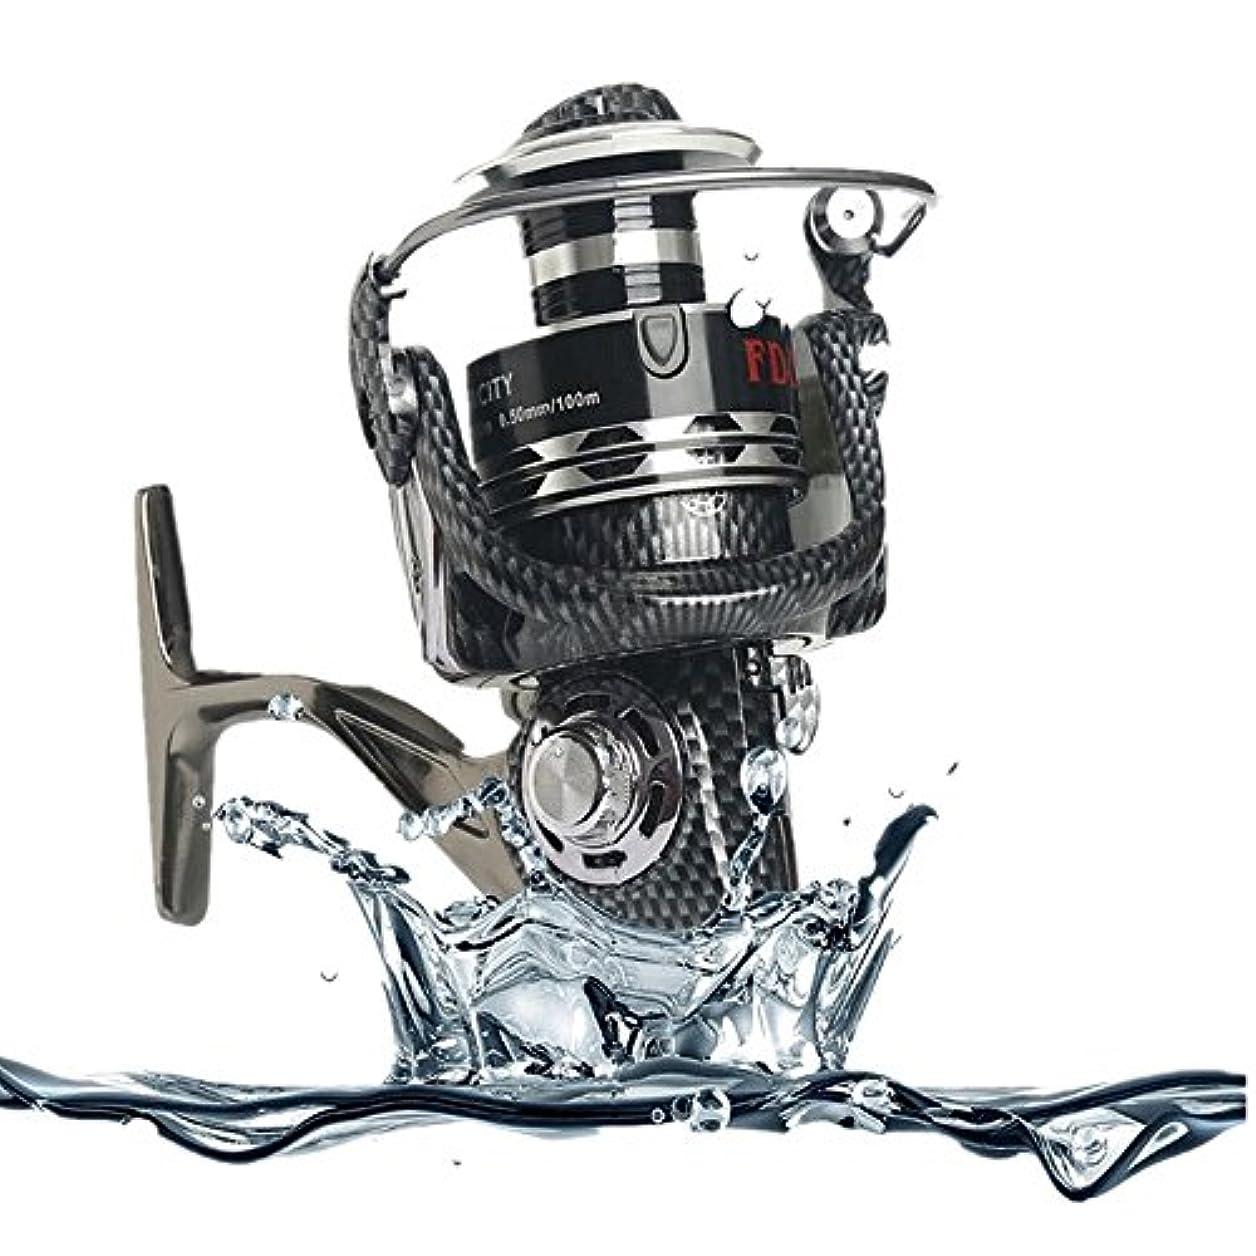 清める硬さ神秘的なスピニングリール 釣りリールライトスムースベースギアスピニングキャスティング左右右塩水淡水釣りリール 釣りリール (Size : 5000)